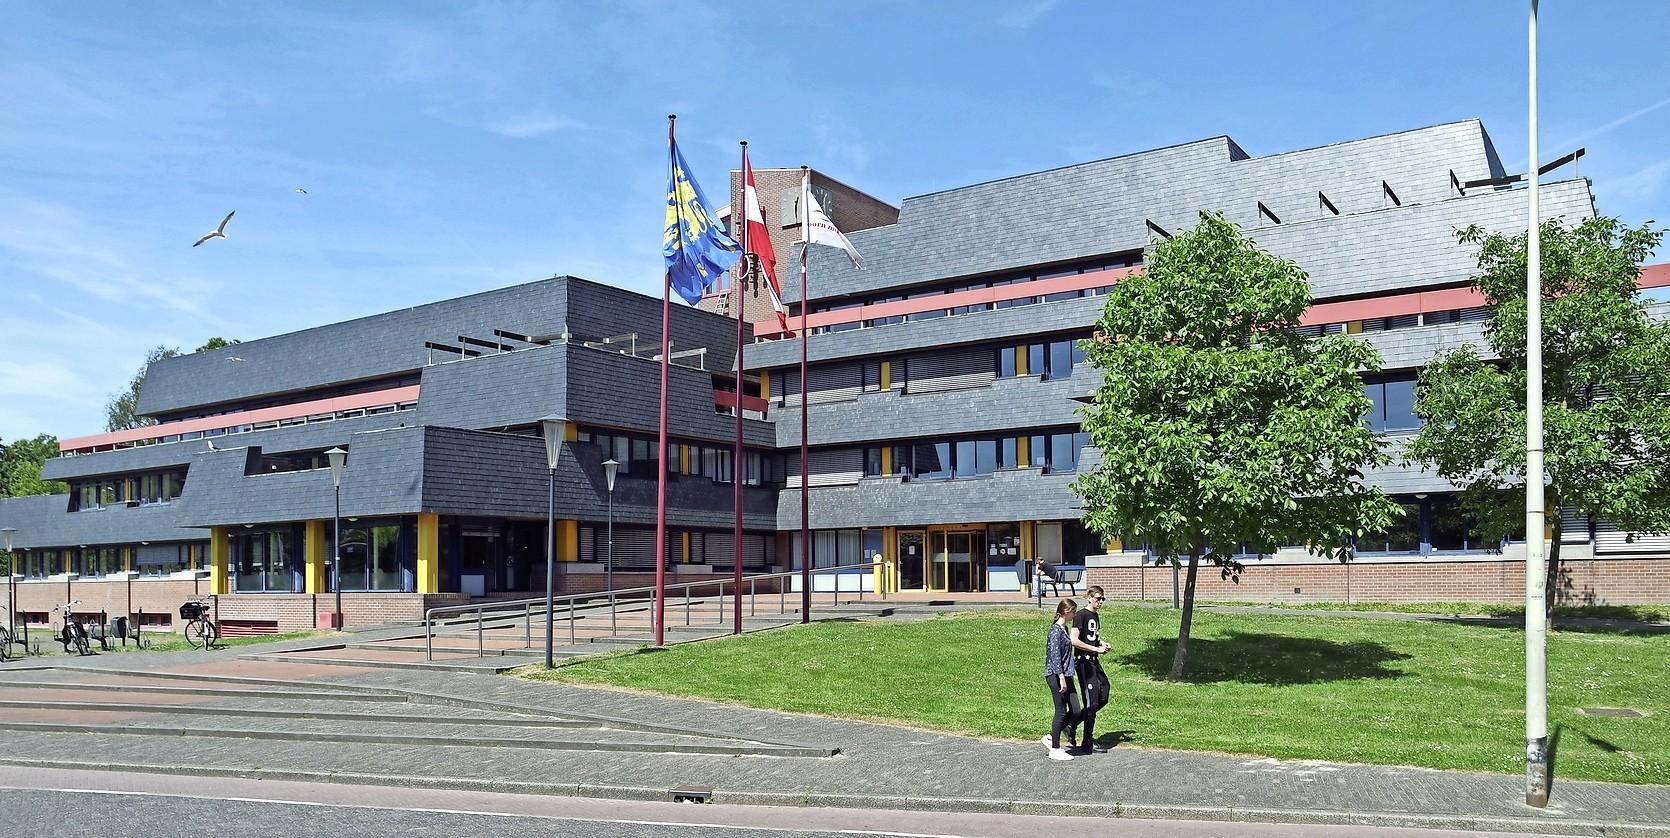 Stadhuis Hoorn: een grondige renovatie of nieuwbouw